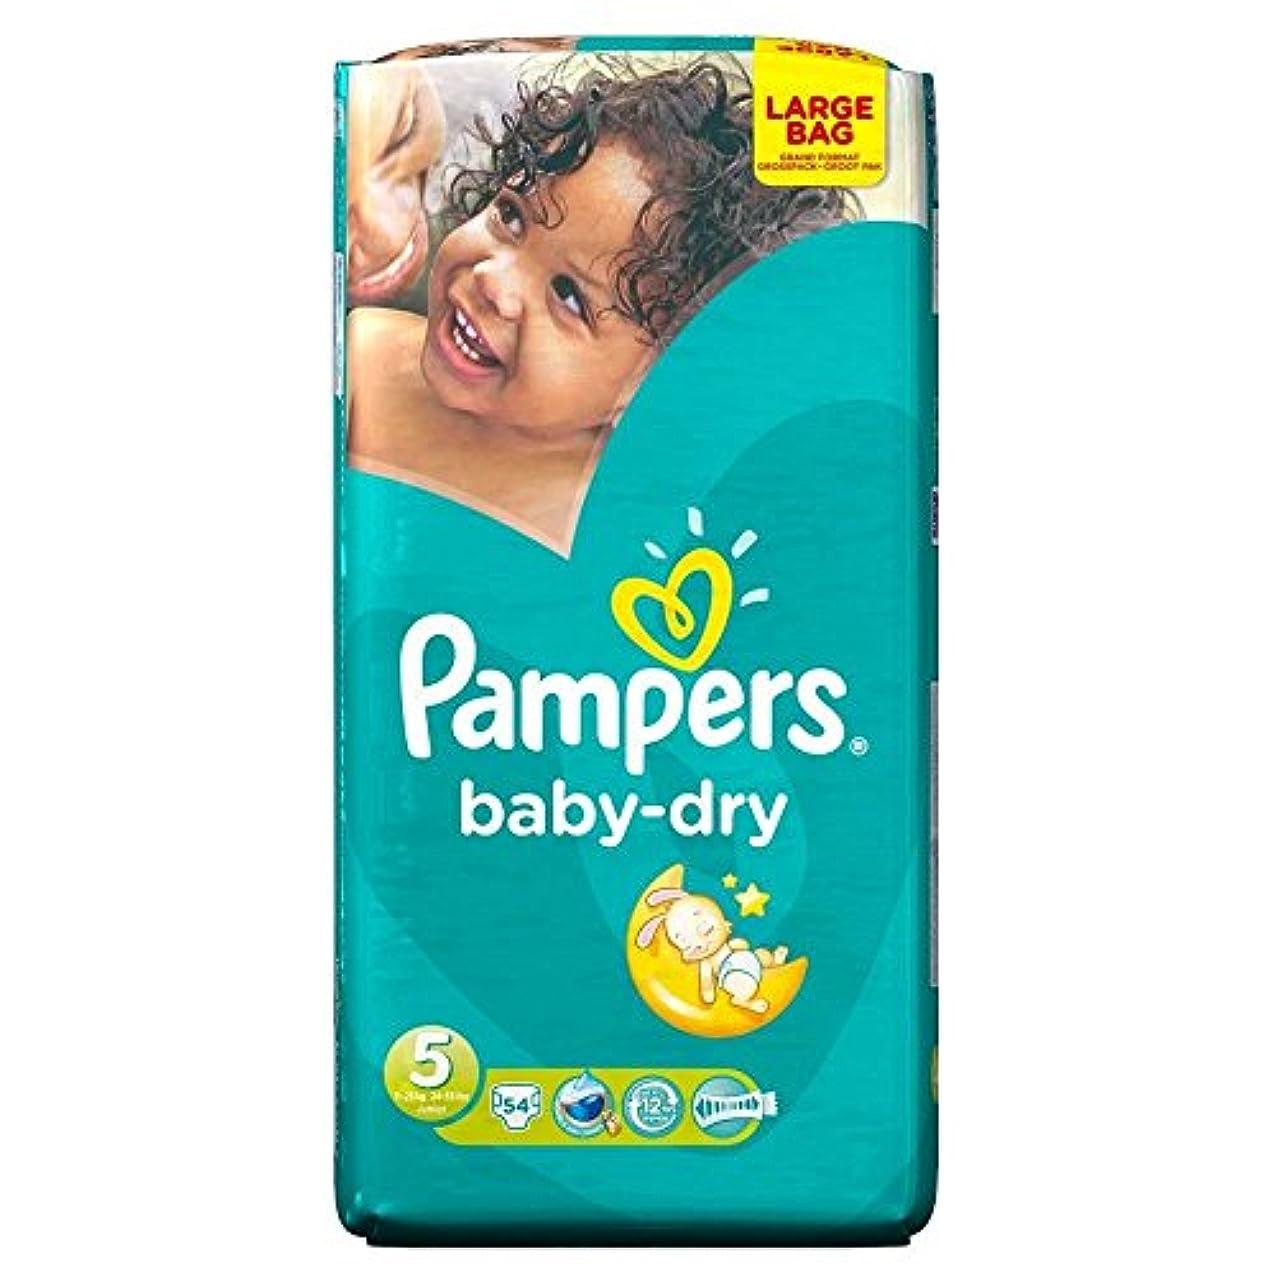 ミルク具体的に証言Pampers Baby Dry Size 5 Junior 11-25kg (54 per pack) パンパース赤ちゃんドライサイズ5ジュニア11~25キロ(パックあたり54 )